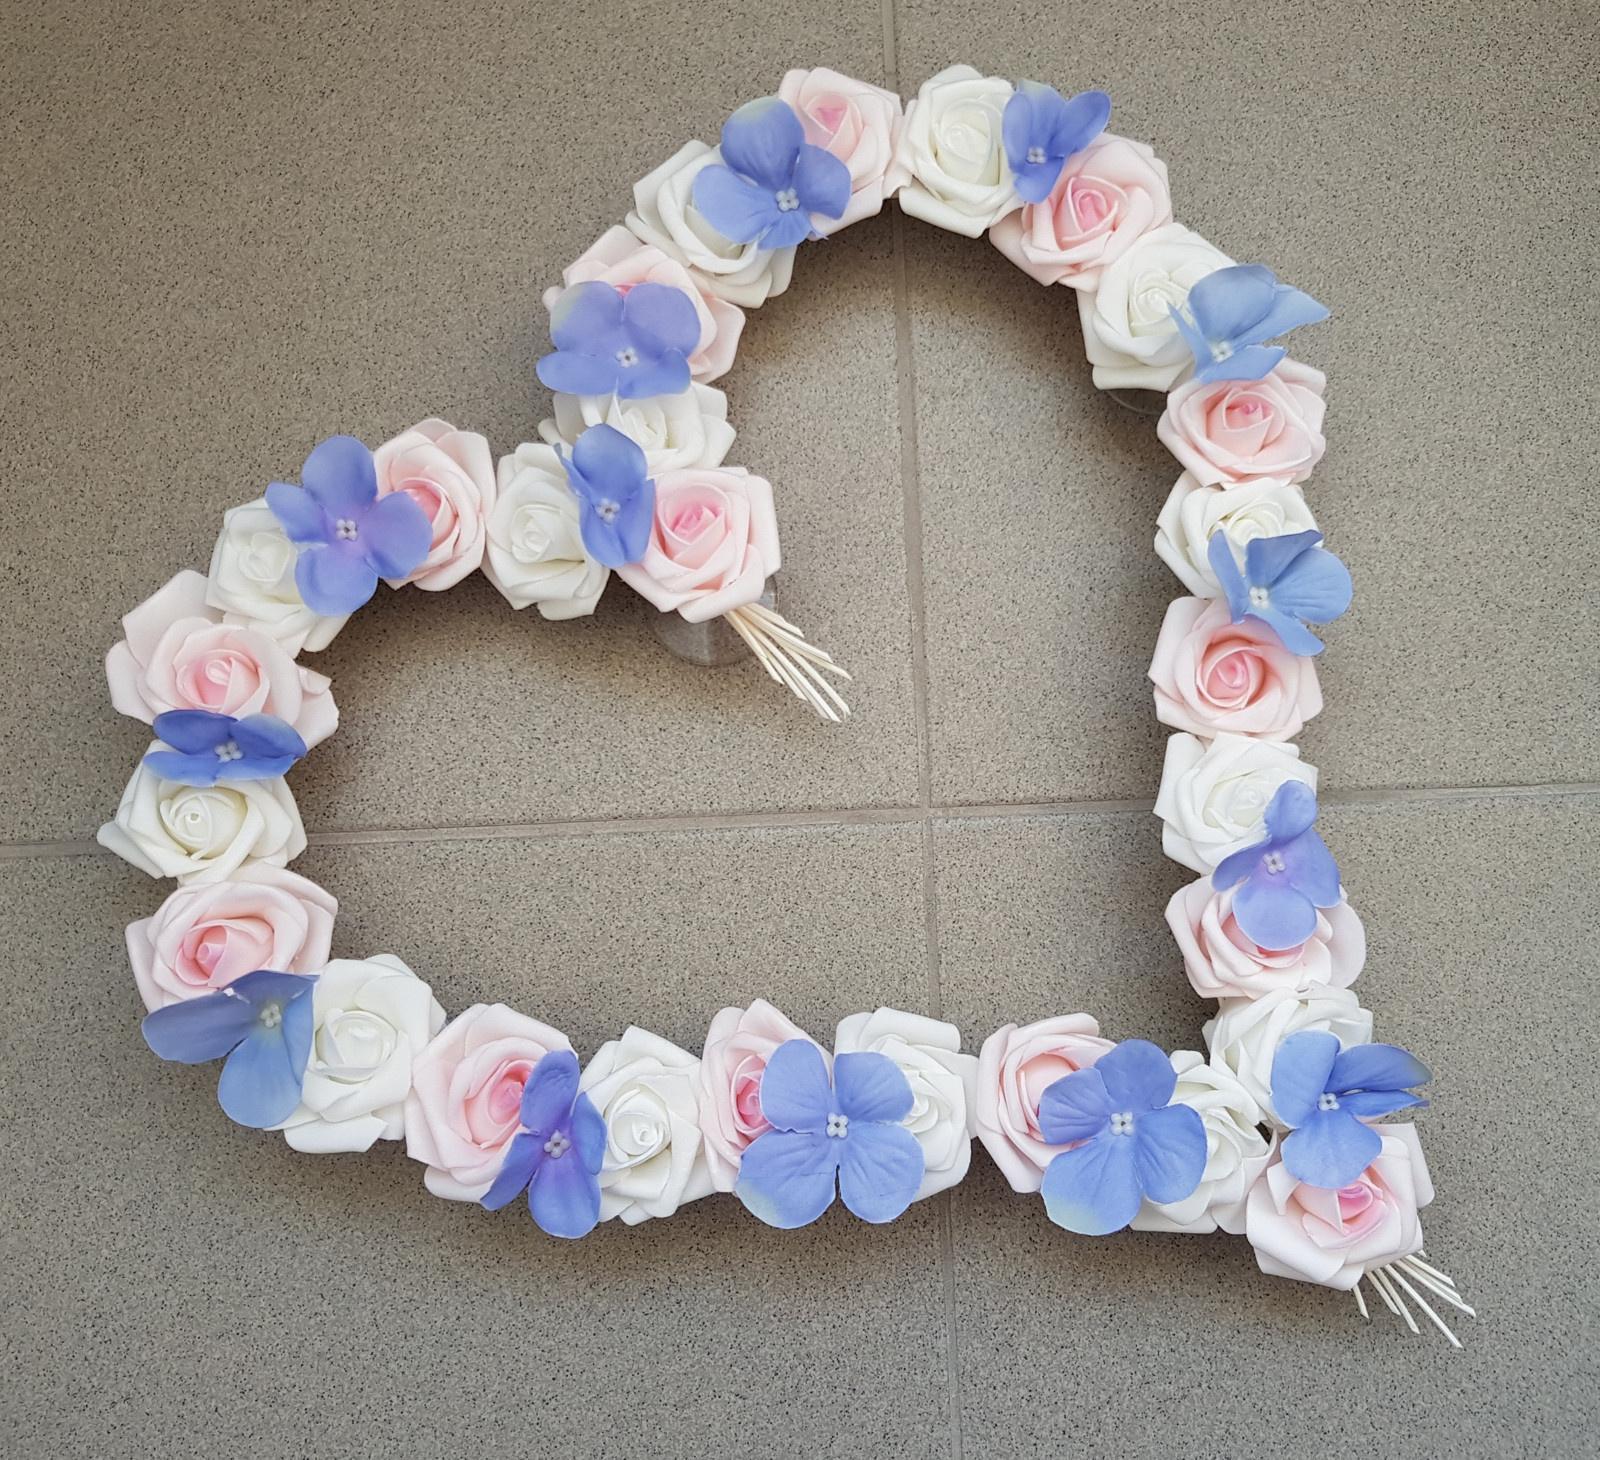 Pedigové srdce na kapotu bílé a růžové + hortenzie - Obrázek č. 1